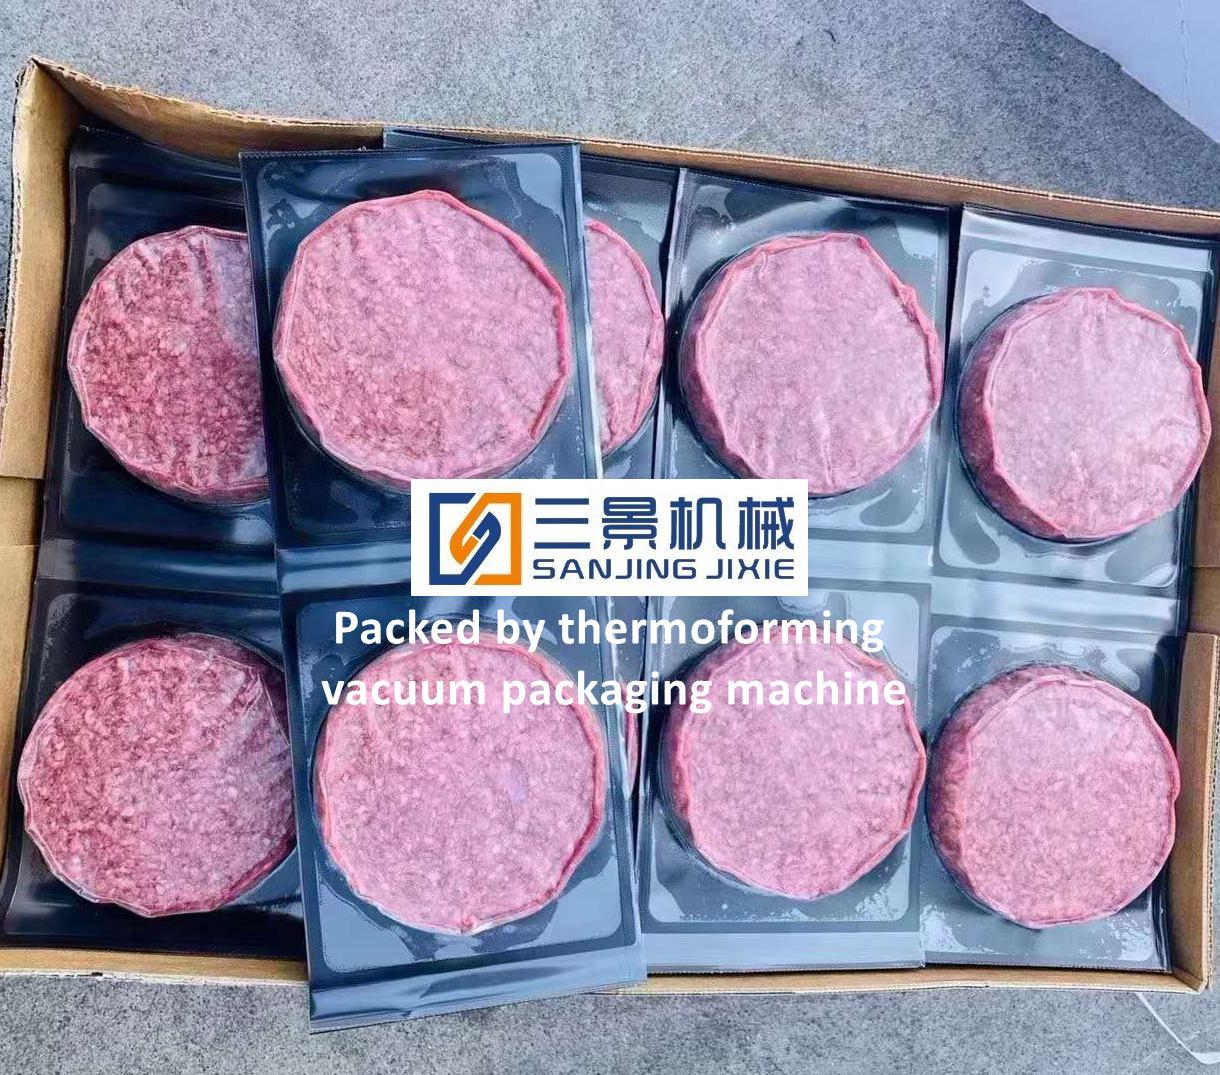 쇠고기 스테이크 연속 열 성형 진공 포장 기계